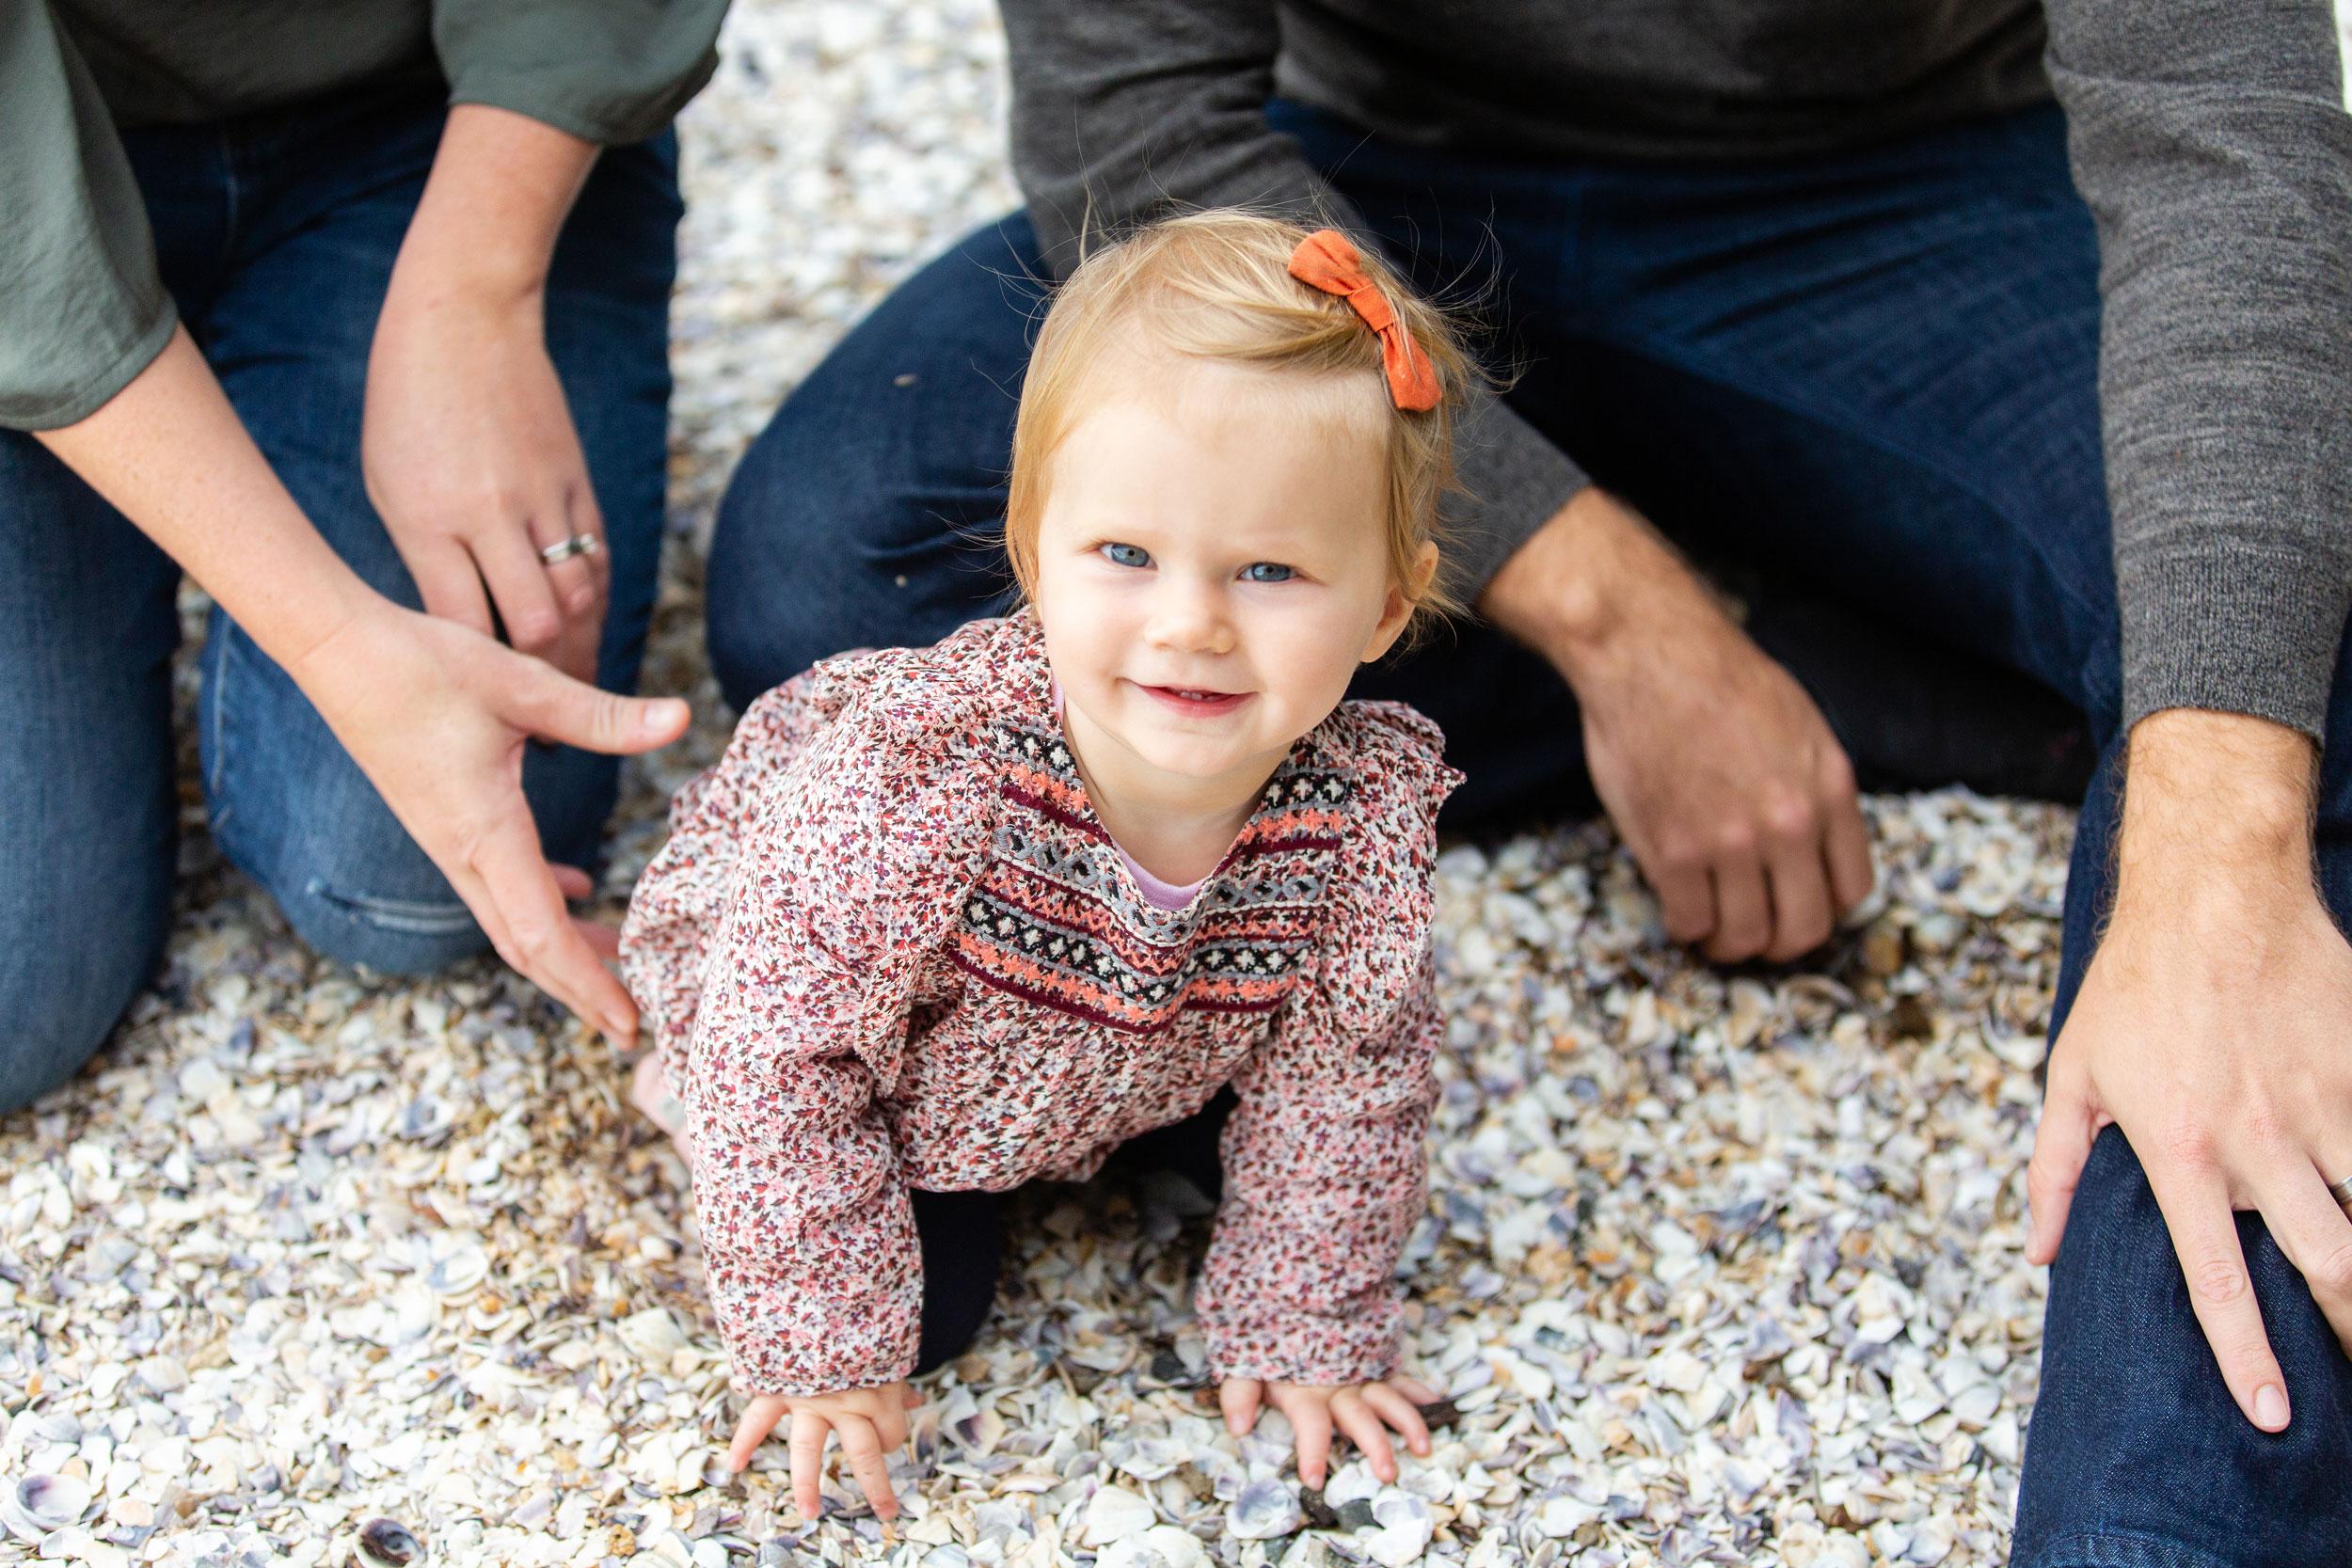 aucklandweddingfamilyphotographer (4).jpg